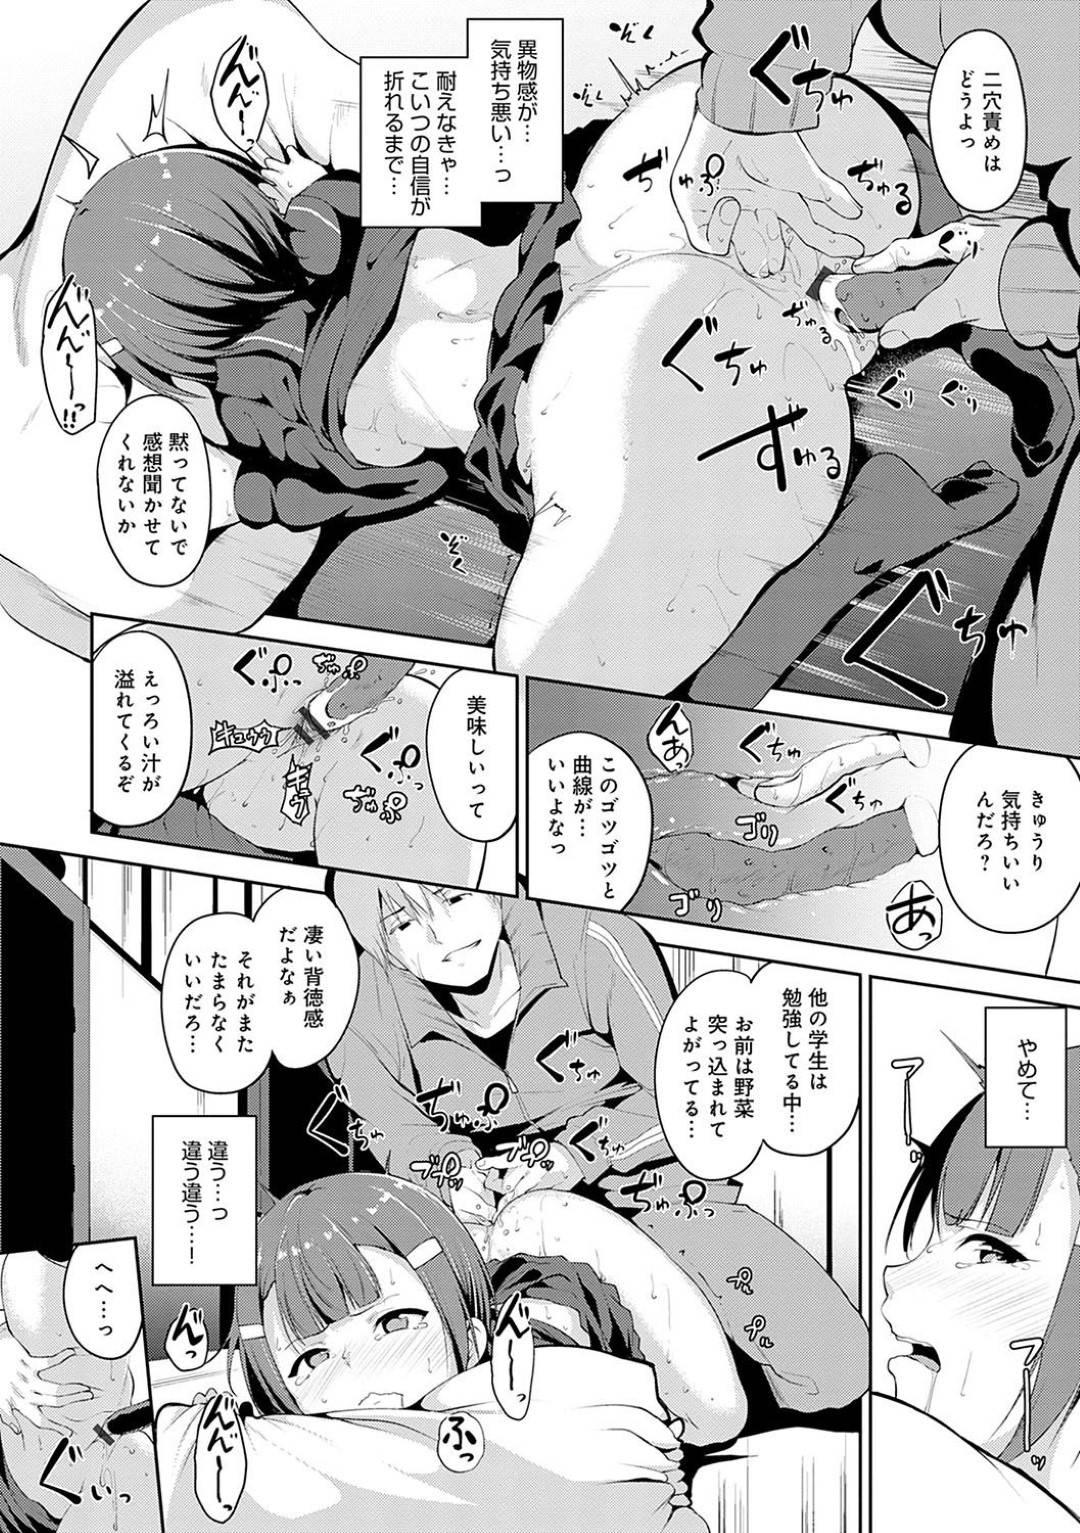 【幼馴染エロ漫画】自堕落になってしまった幼馴染を改心させたいJKは、男の家に行く。男はAVで保健の勉強をしている言い張るも、バカにするJK。男に押し倒され、JKは中出しセックスでアクメする【あるぷ】